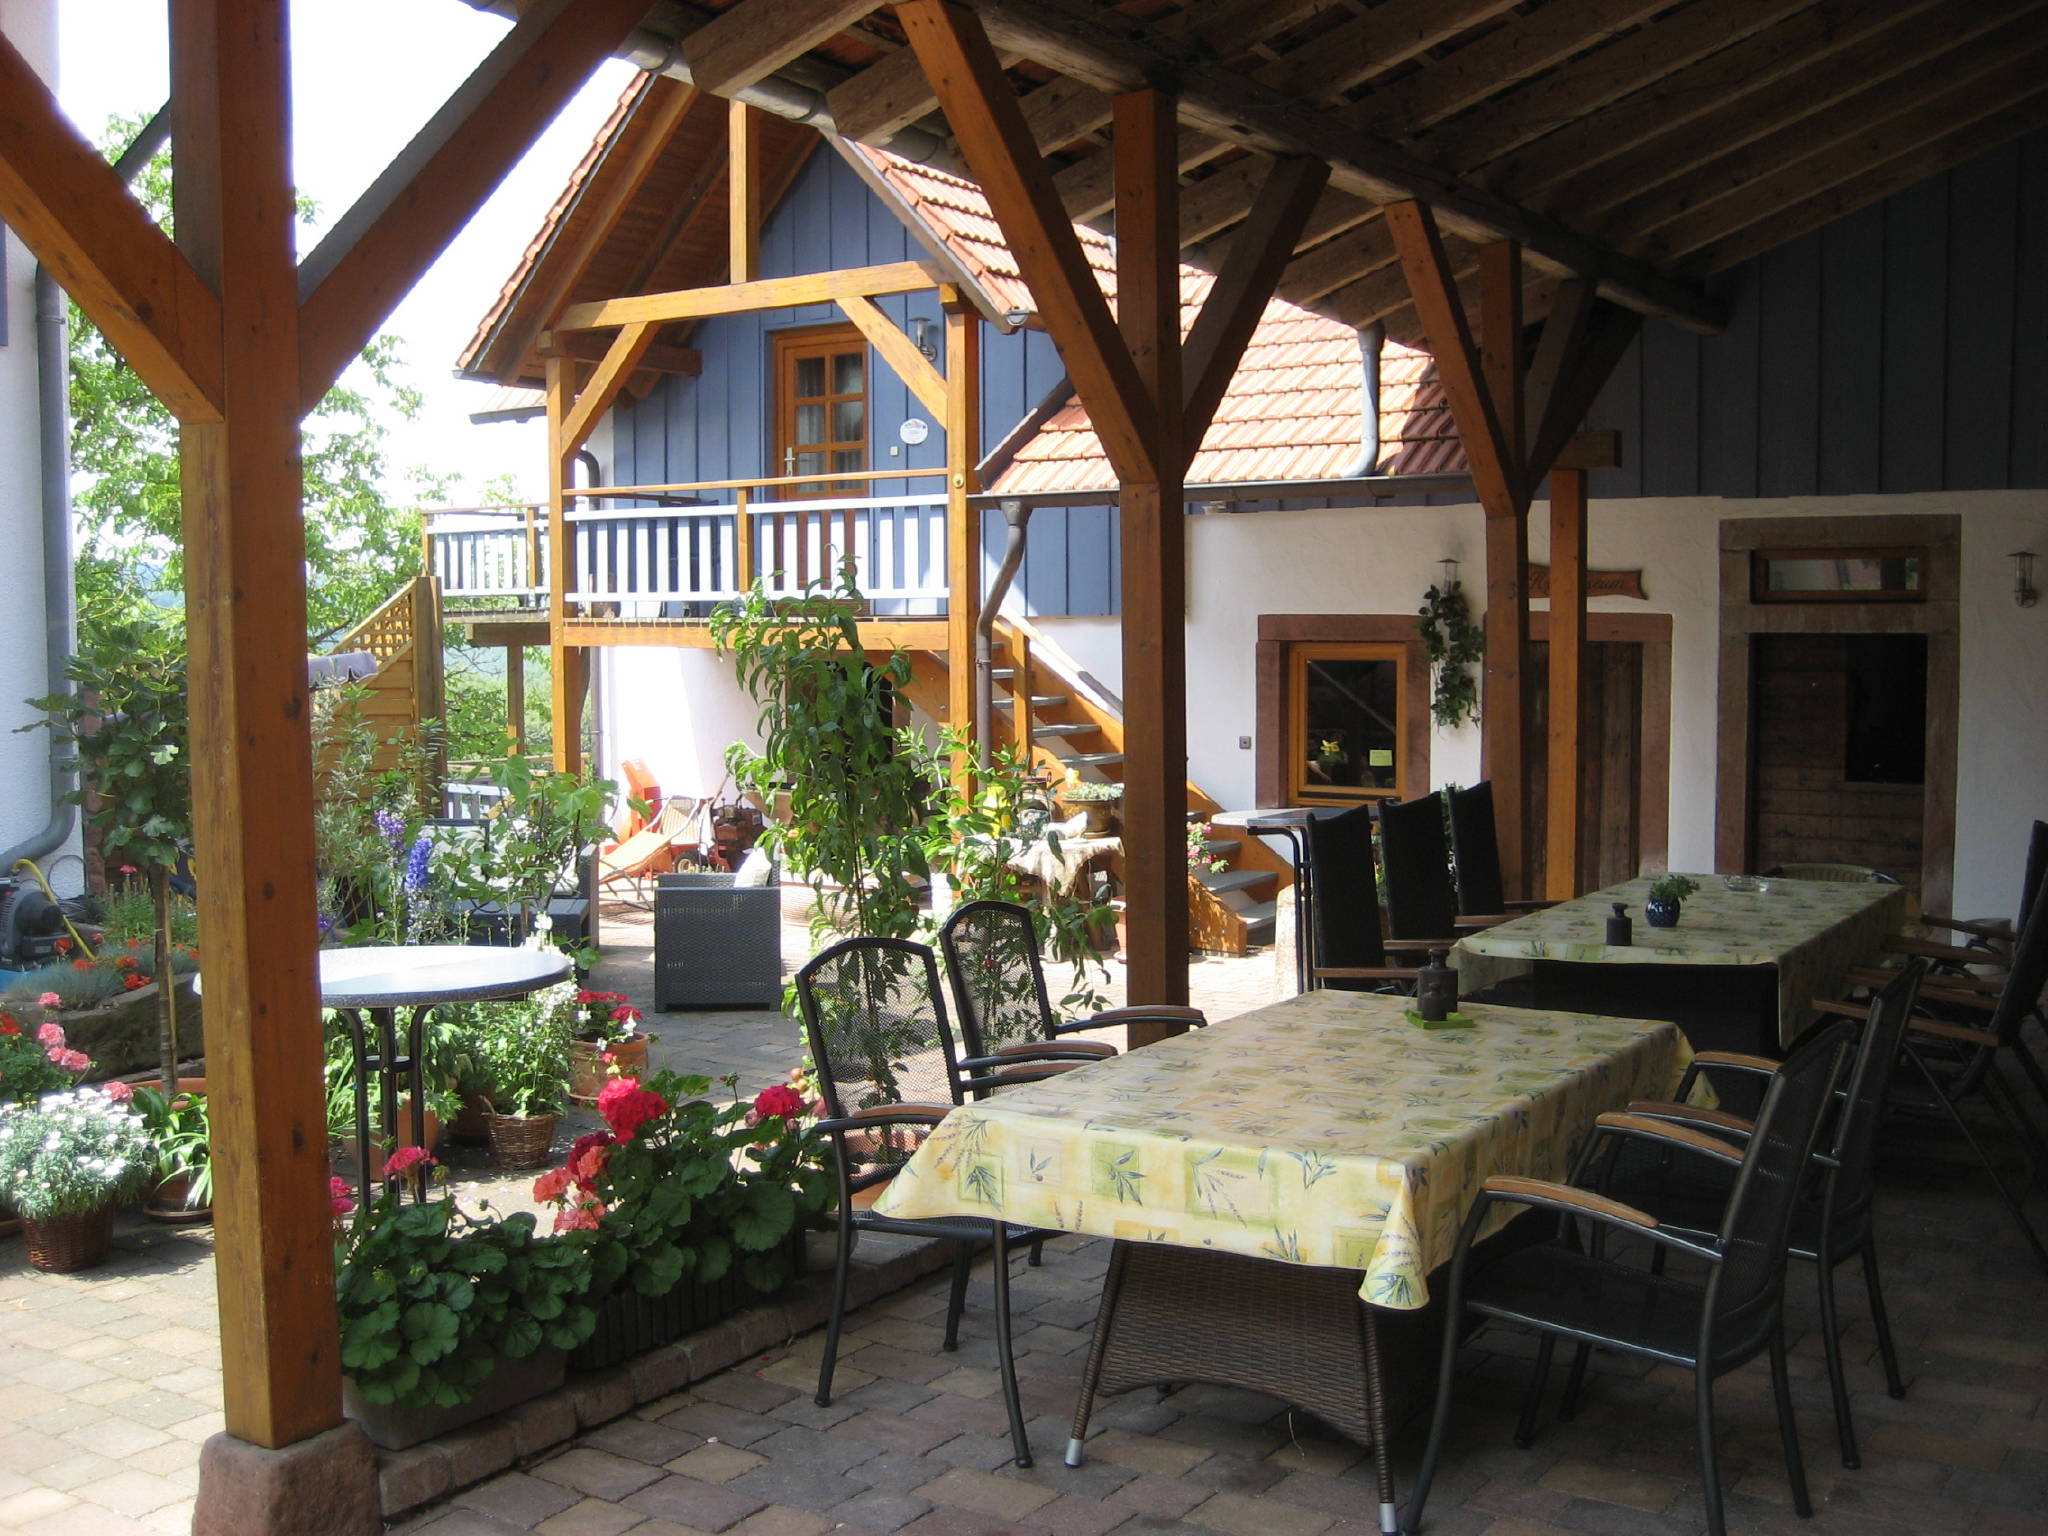 Ferienhof Rothenberg - Ferienwohnung 4